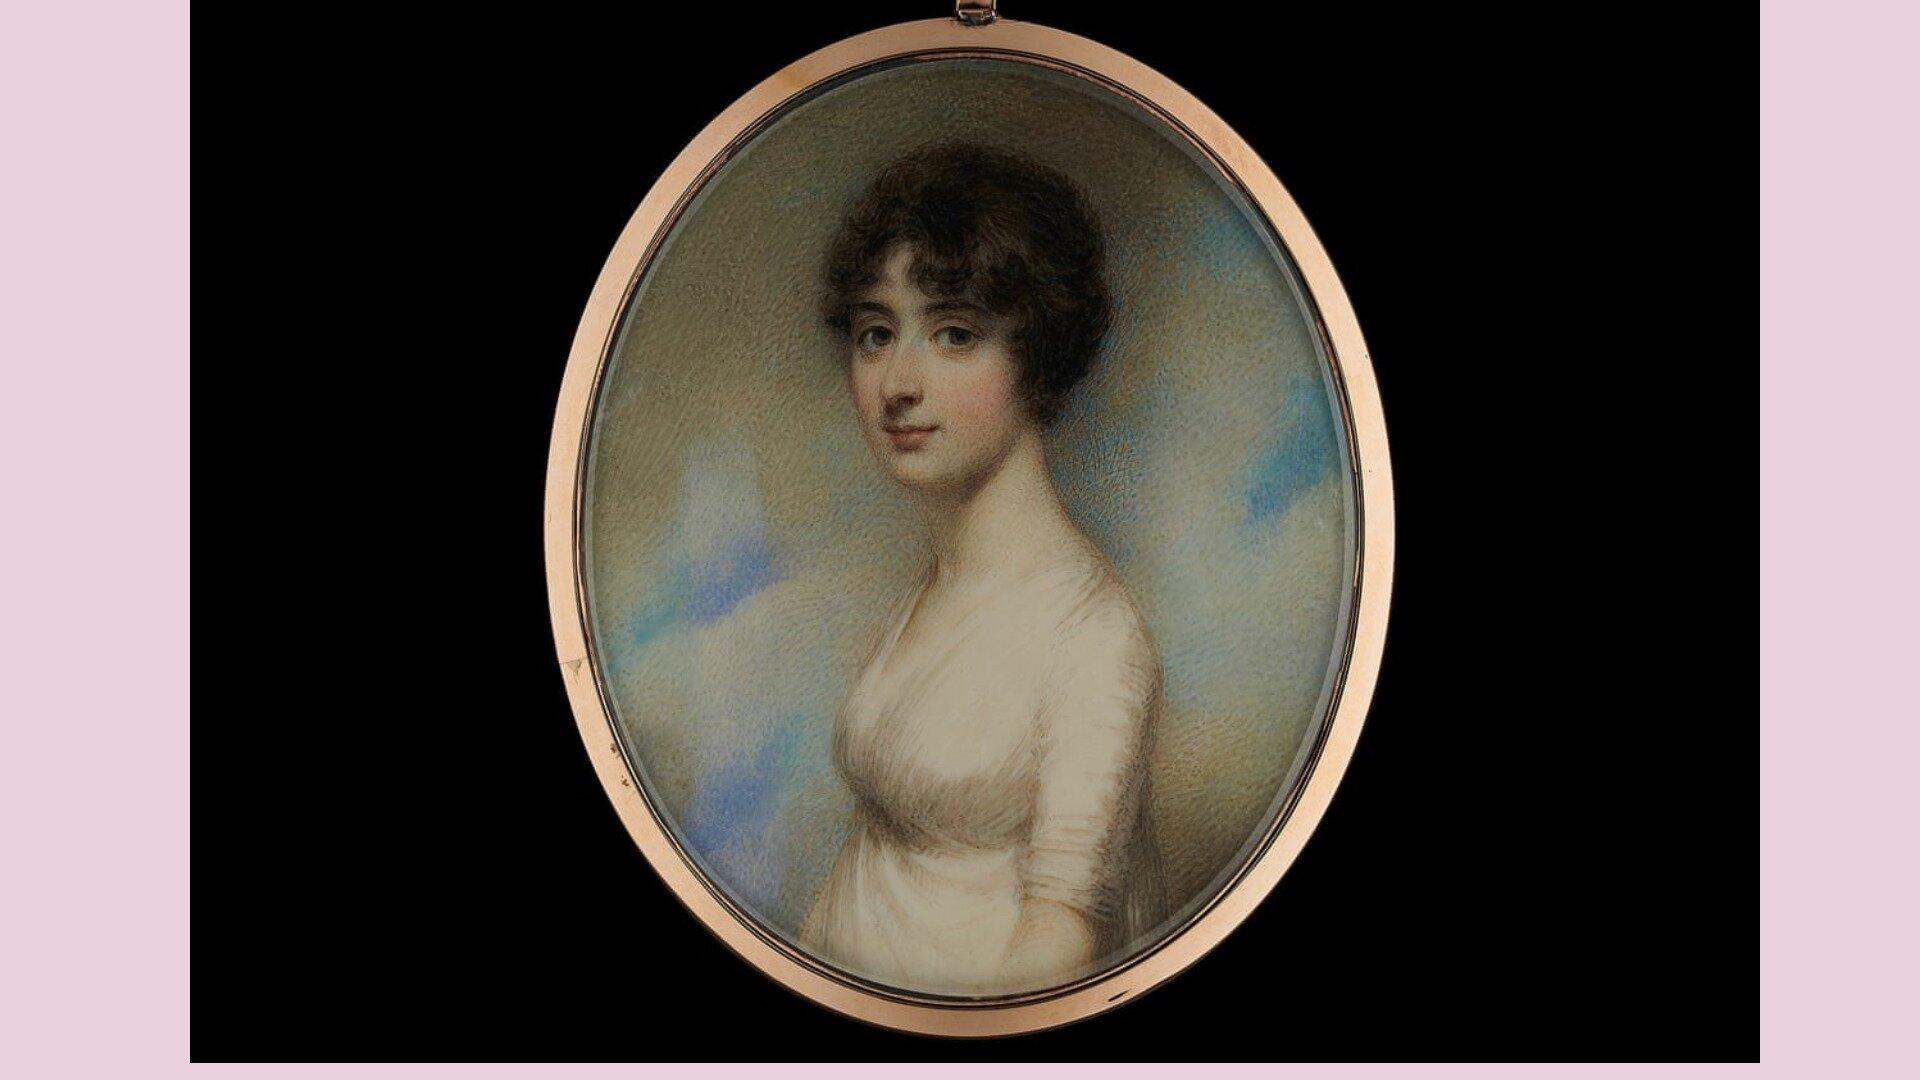 У музеї в Британії знайшли портрет прототипки героїні роману Джейн Остін